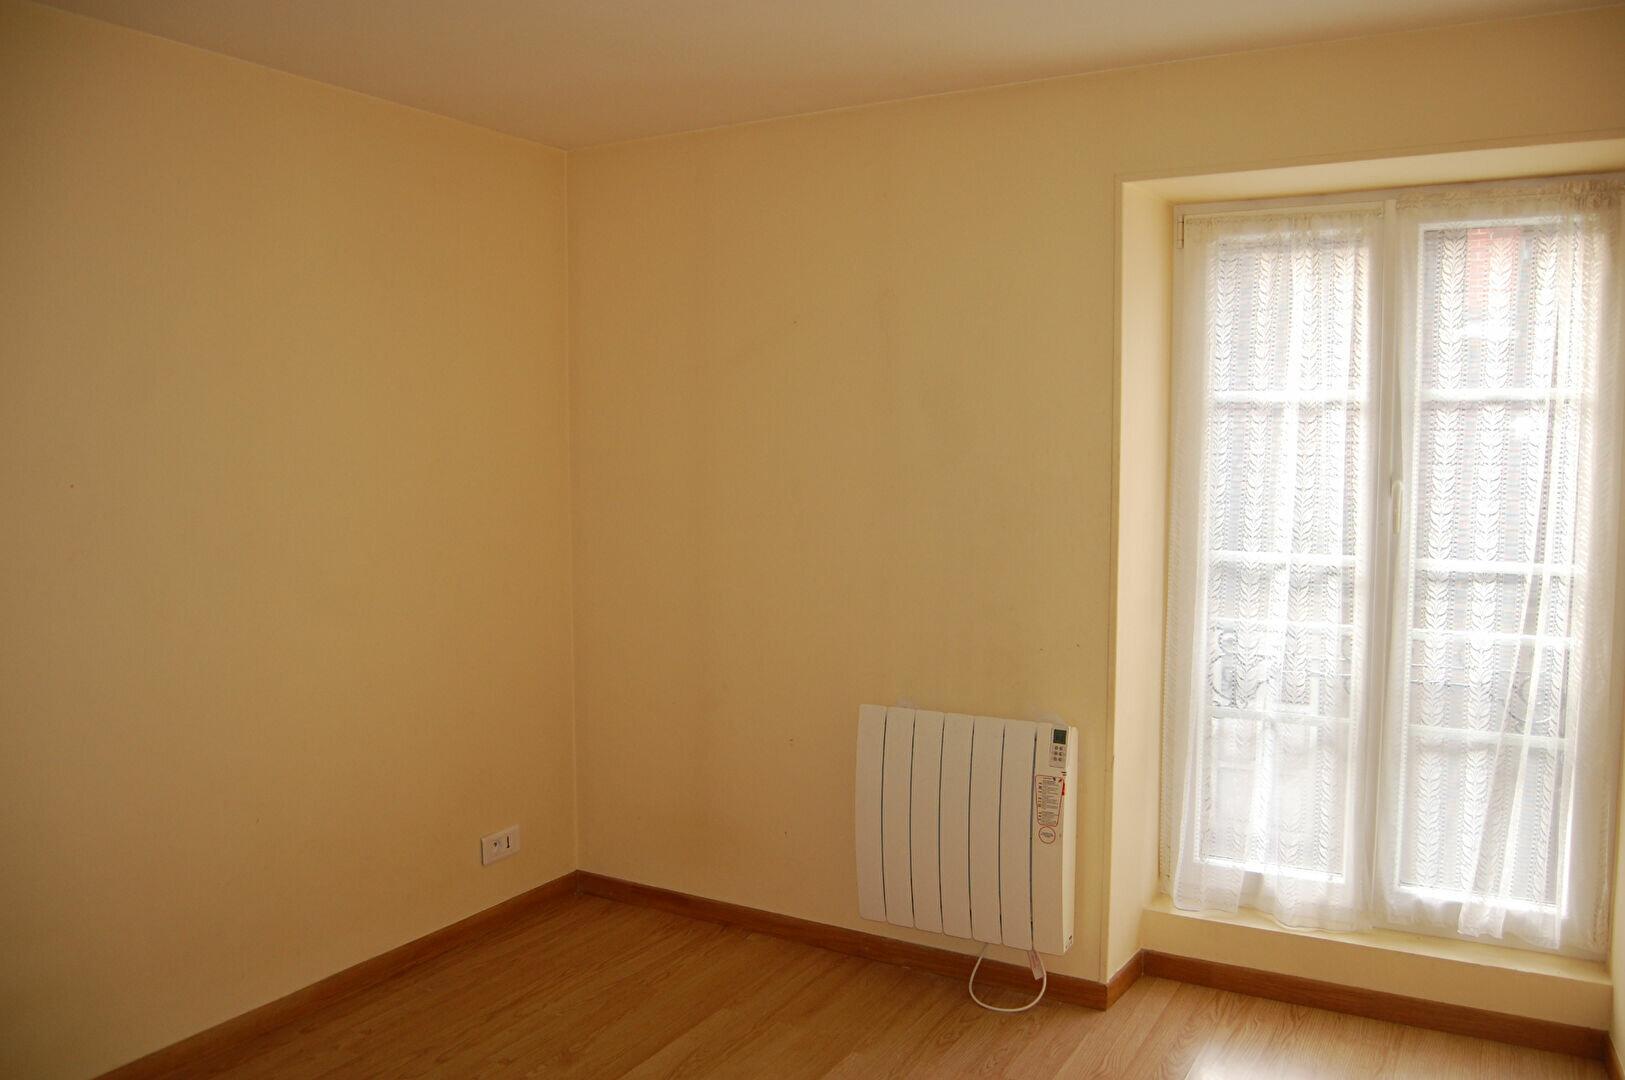 Maison à louer 4 76m2 à Saint-Satur vignette-5